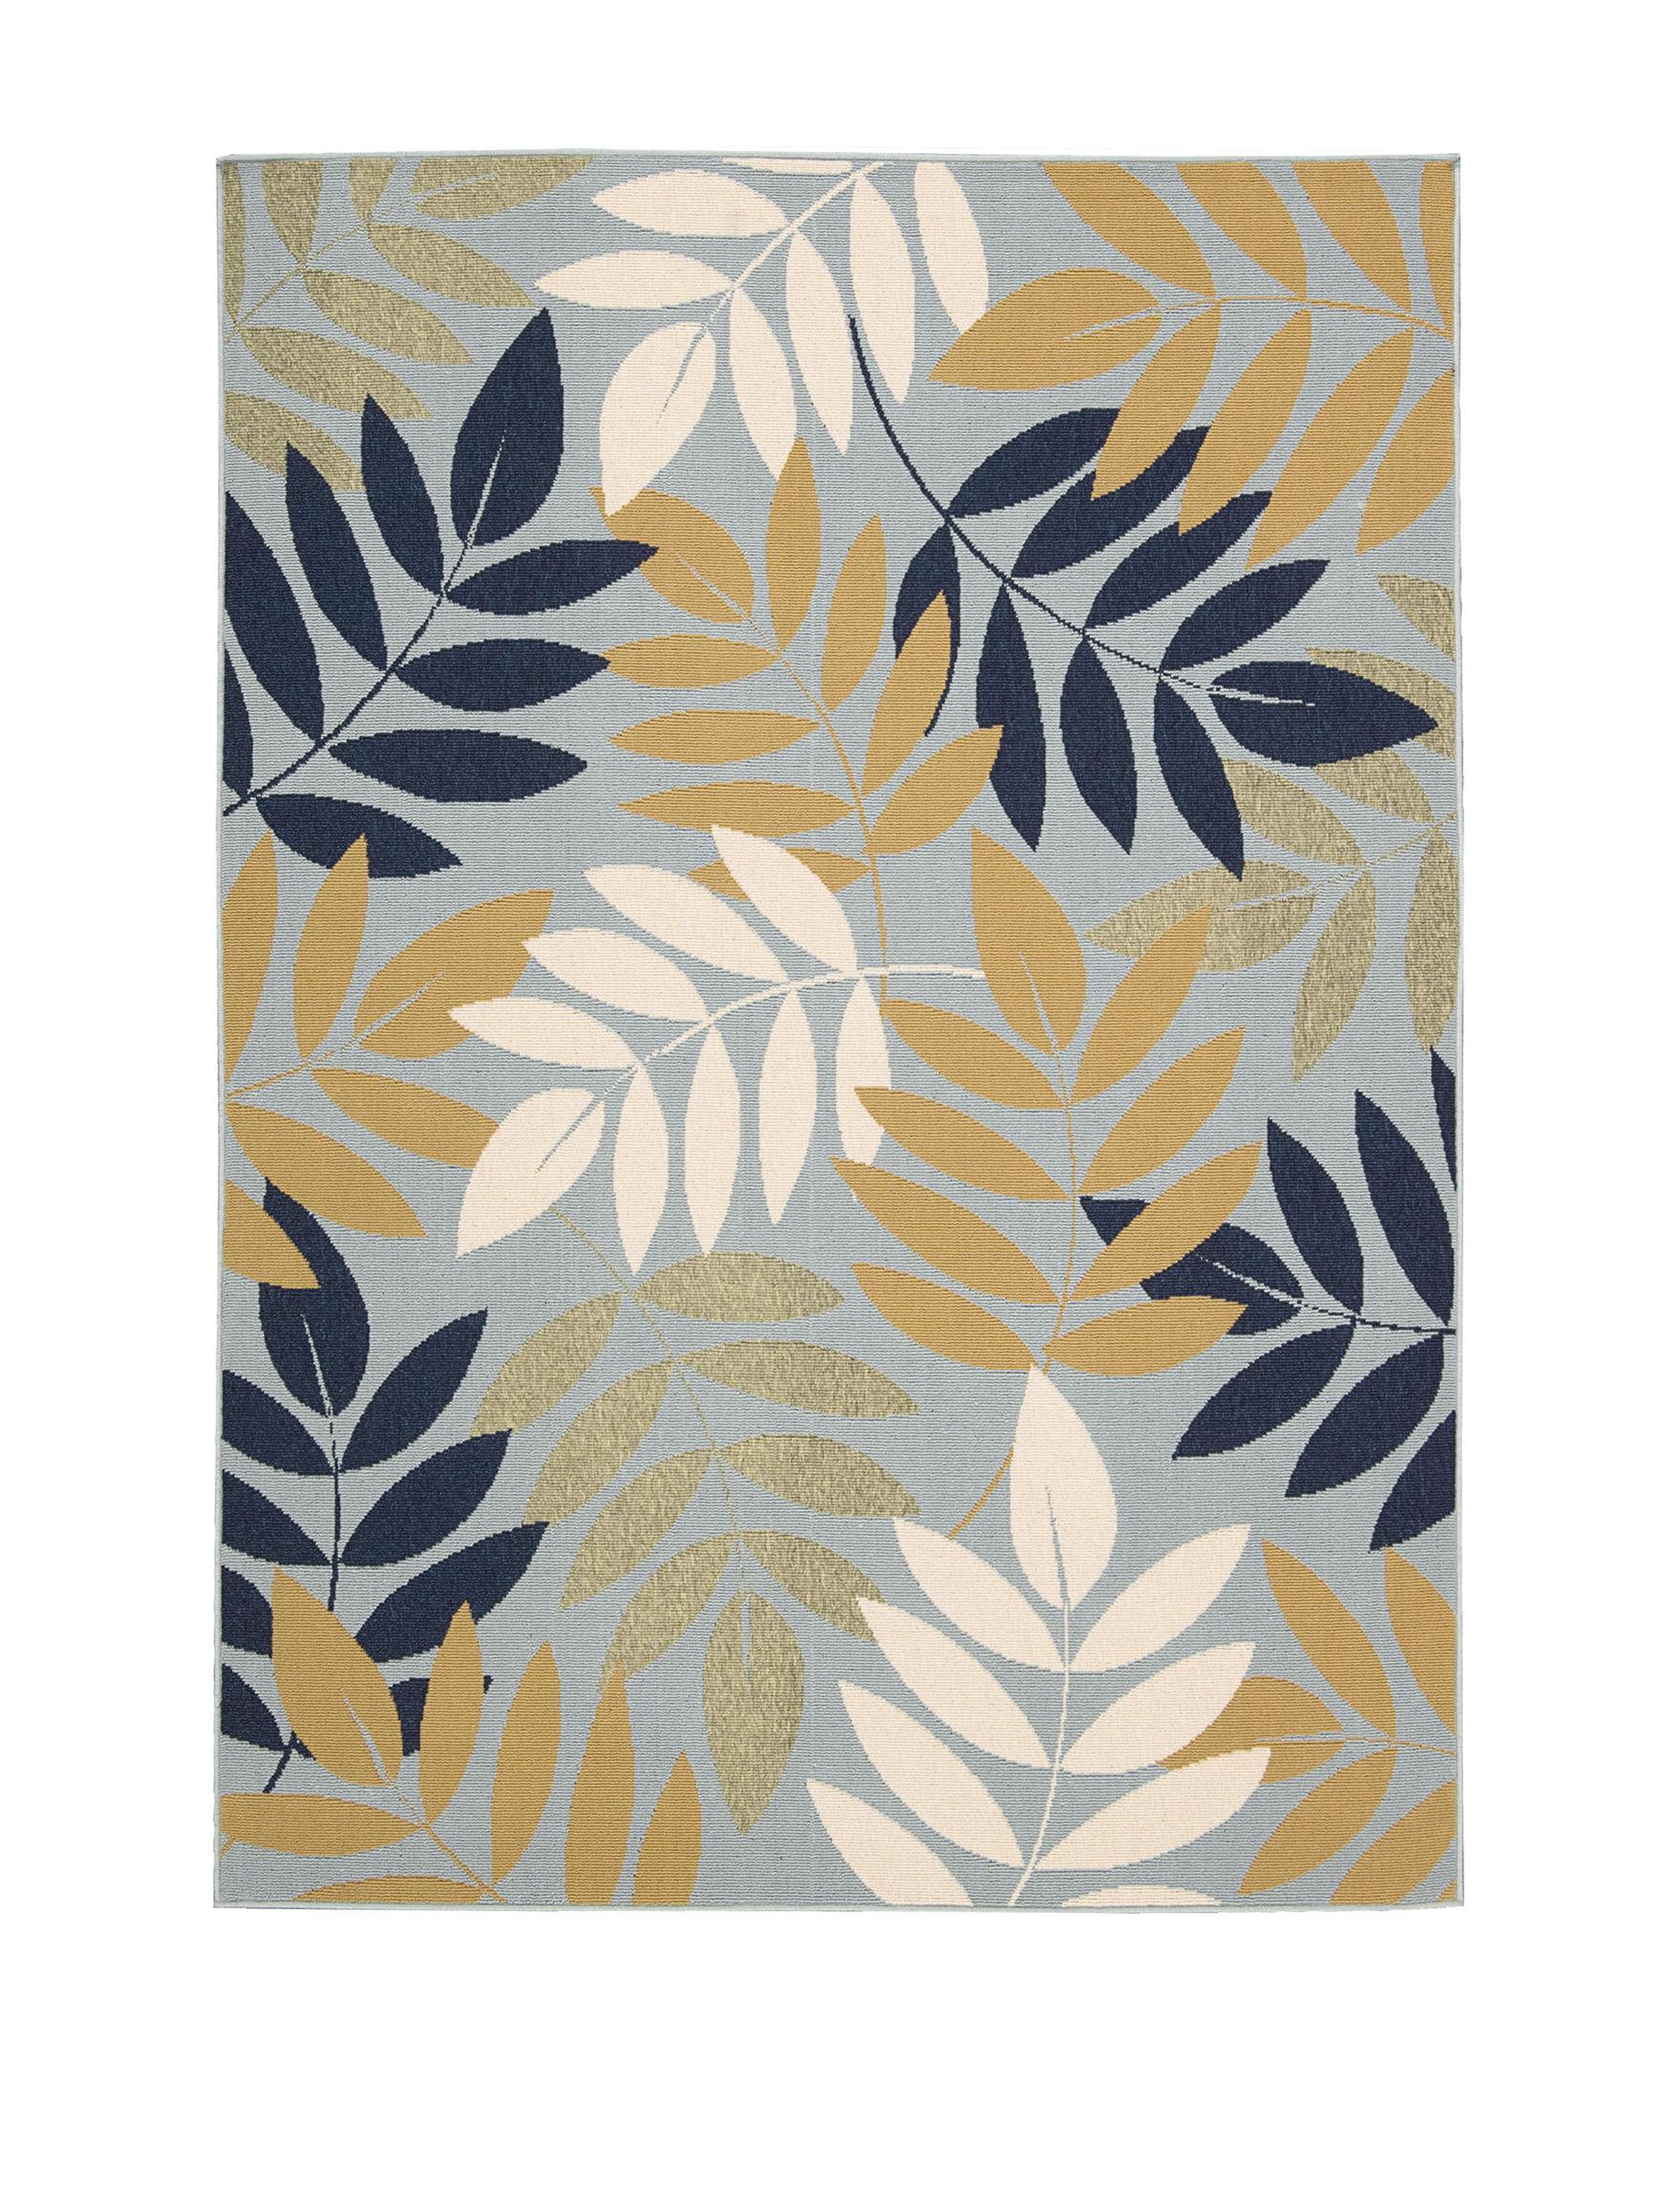 Nourison Blue Outdoor Rugs & Doormats Outdoor Decor